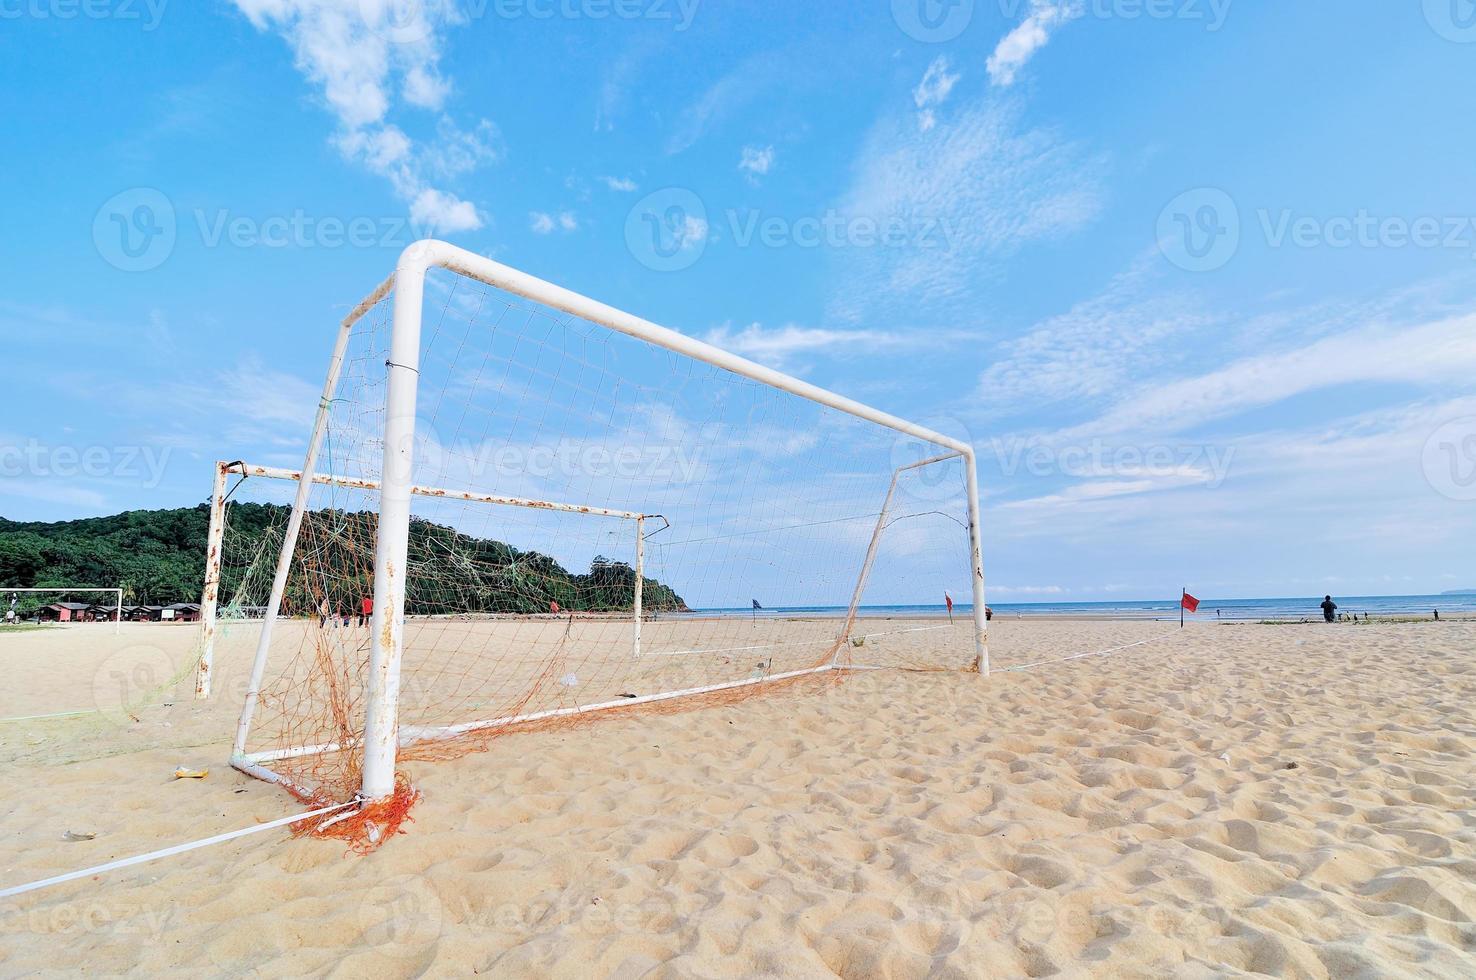 målstolpe på stranden foto